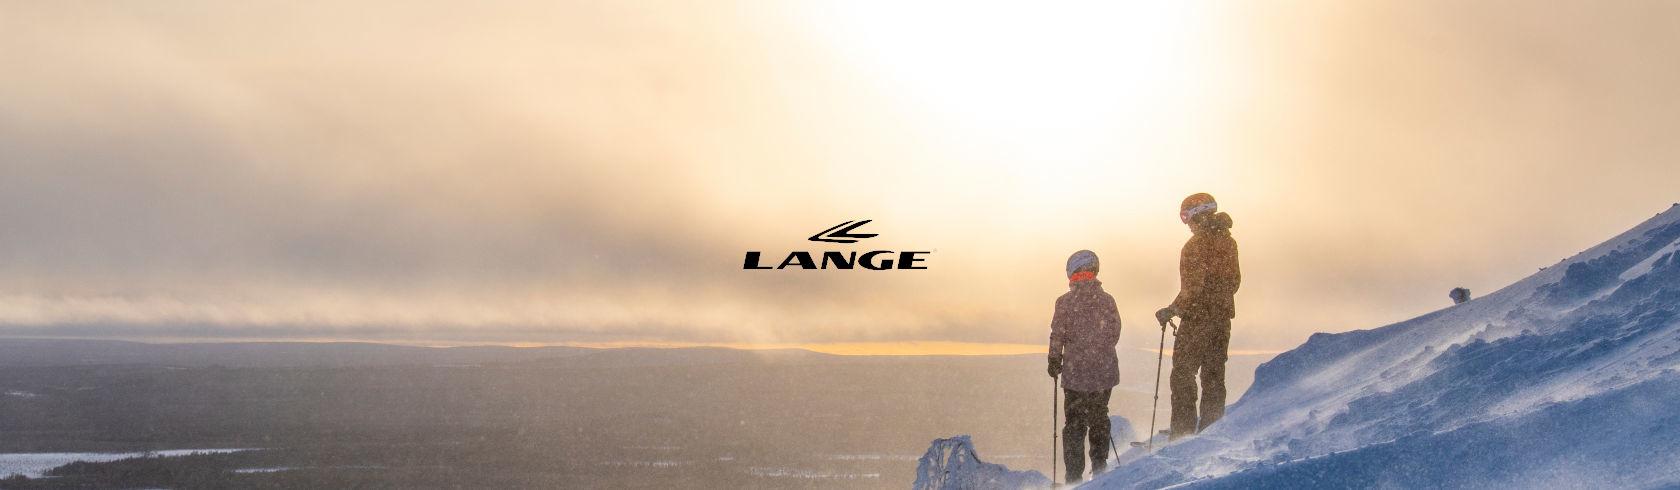 Lange brand logo